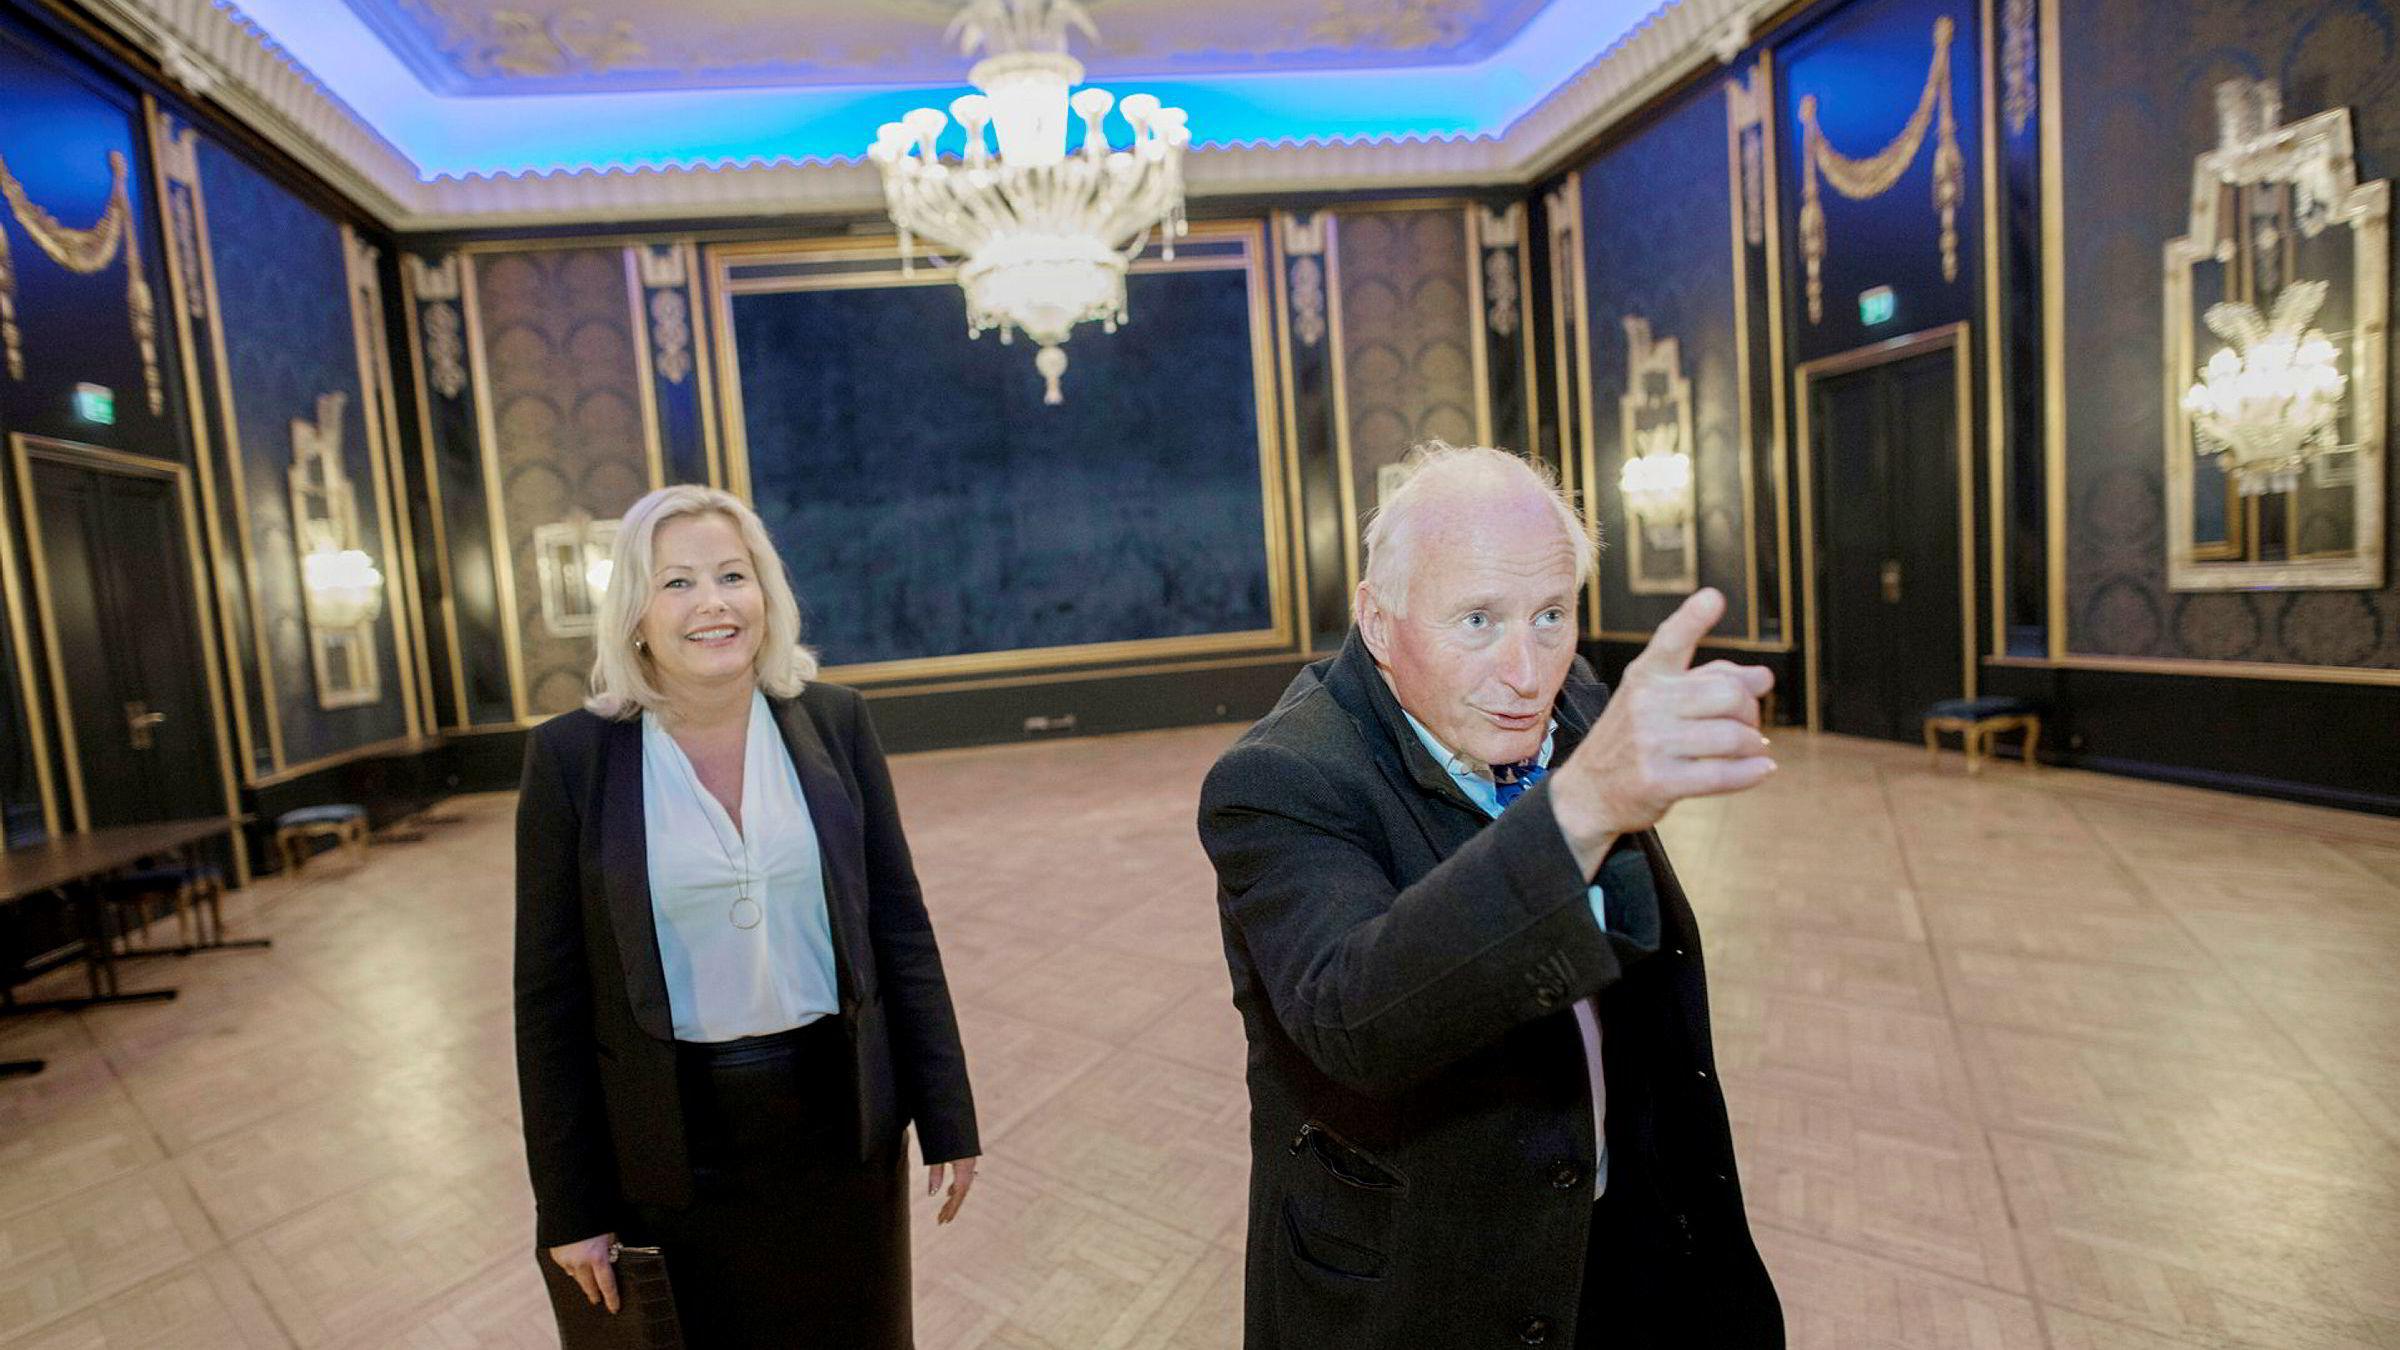 Administrerende direktør og majoritetseier Christian Ringnes i Eiendomsspar og hotelldirektør Fredrikke Næss viser rundt i nyoppussede Grand Hotel, her fra Rokokkosalen.